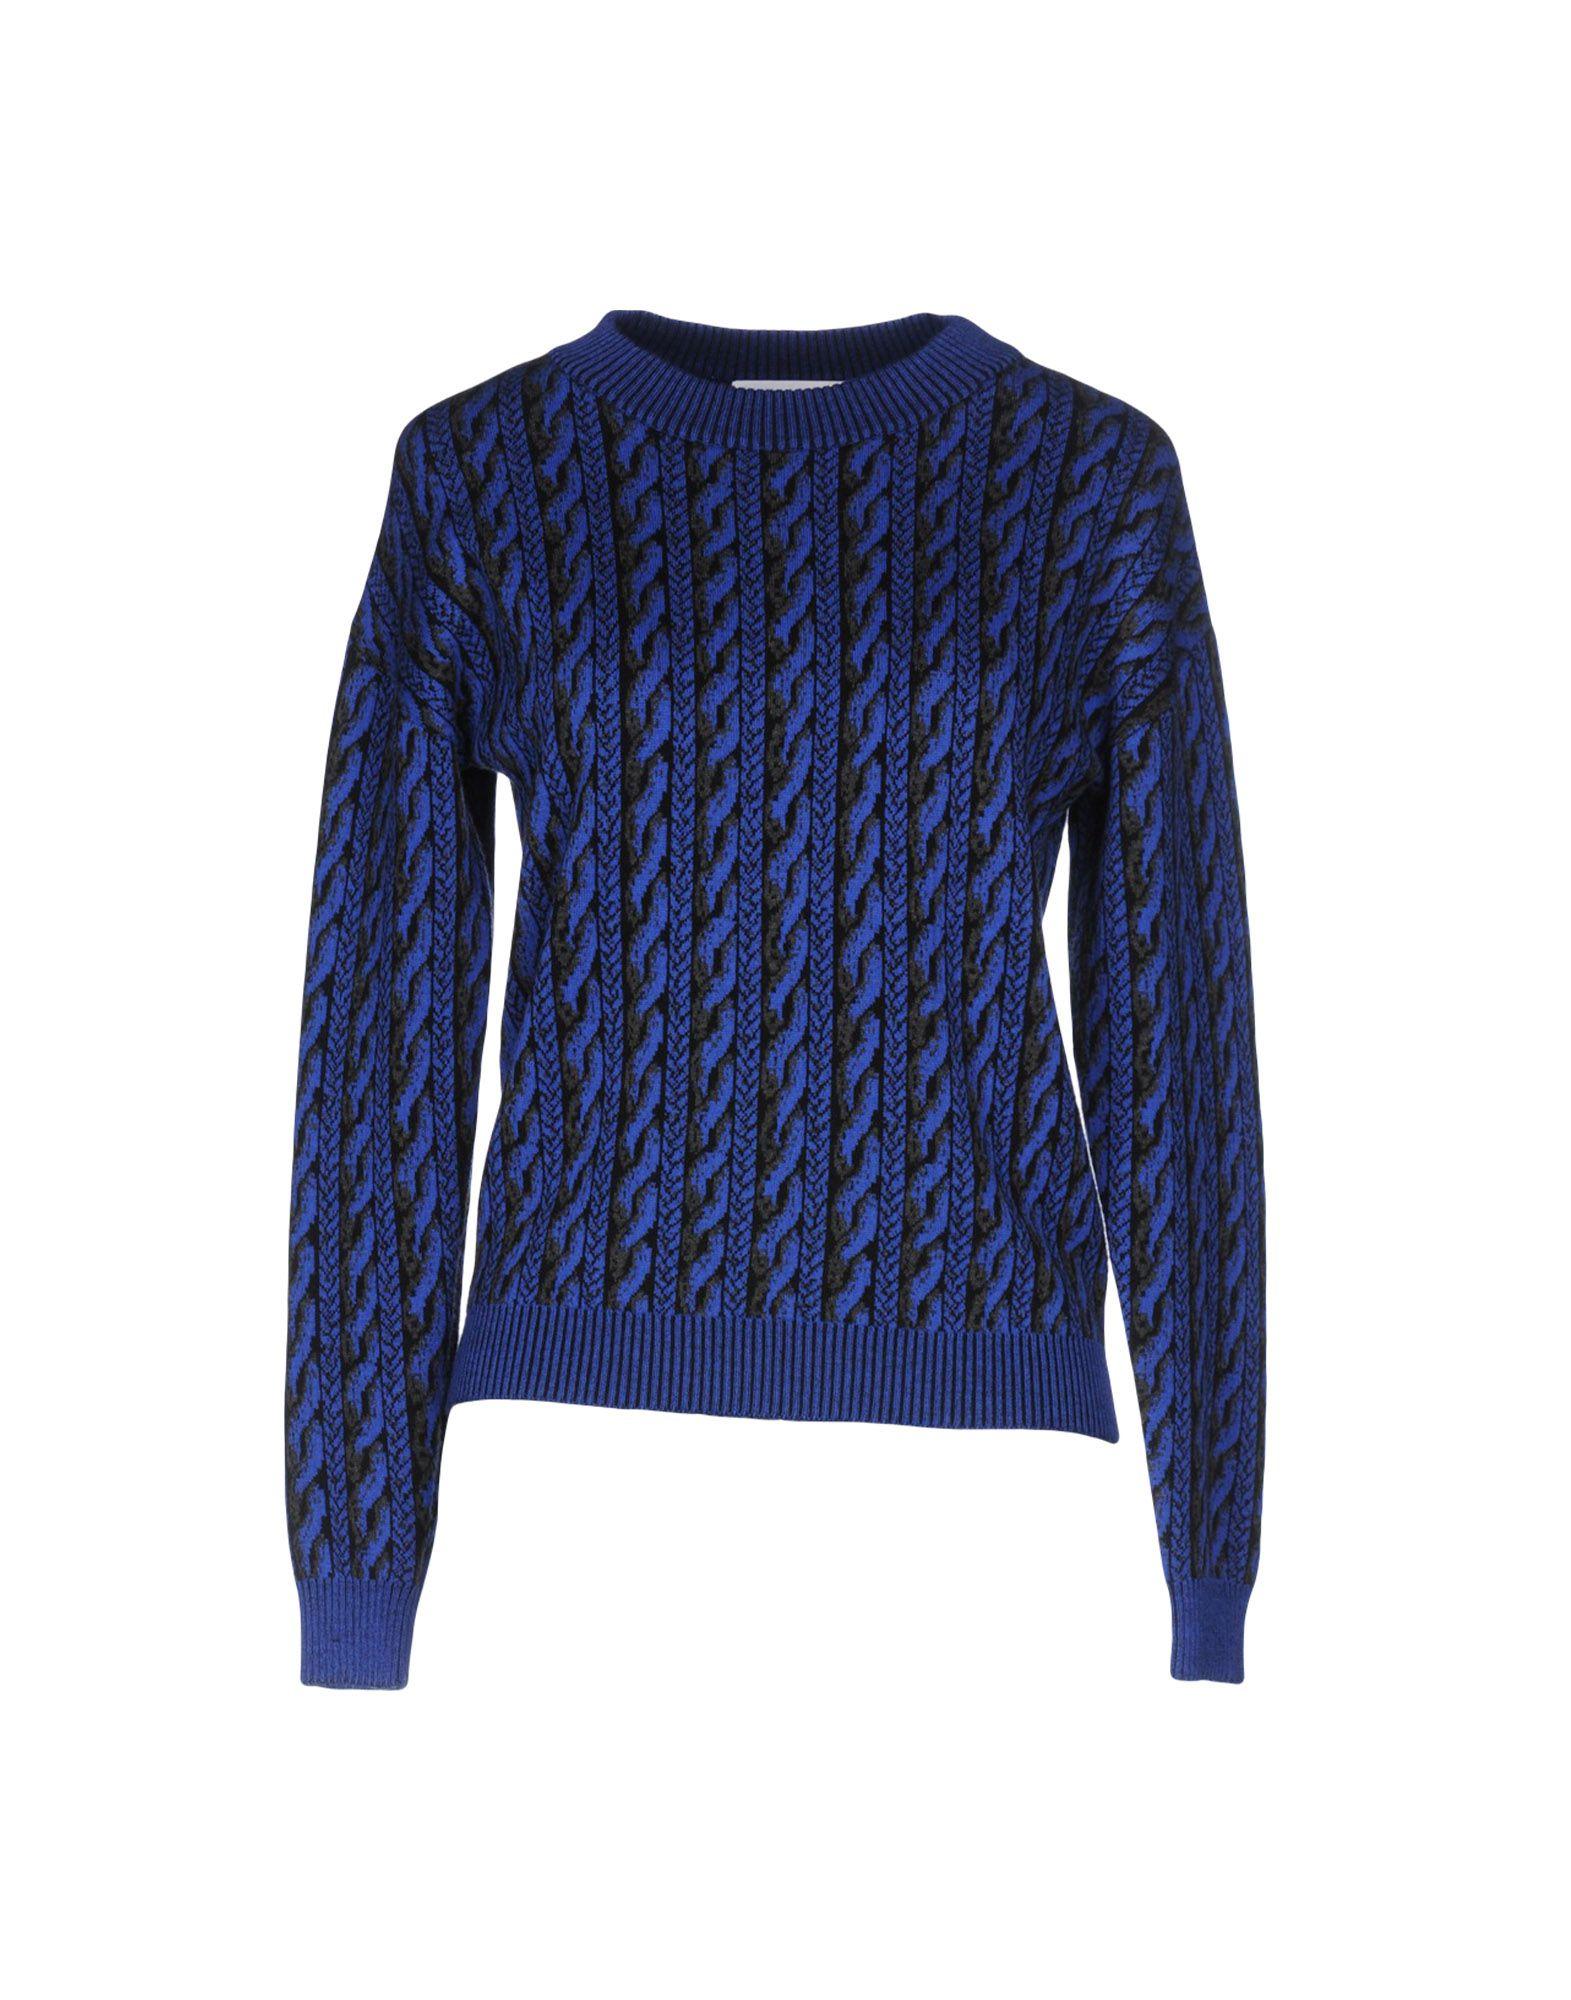 MOSCHINO COUTURE Damen Pullover Farbe Blau Größe 5 jetztbilligerkaufen